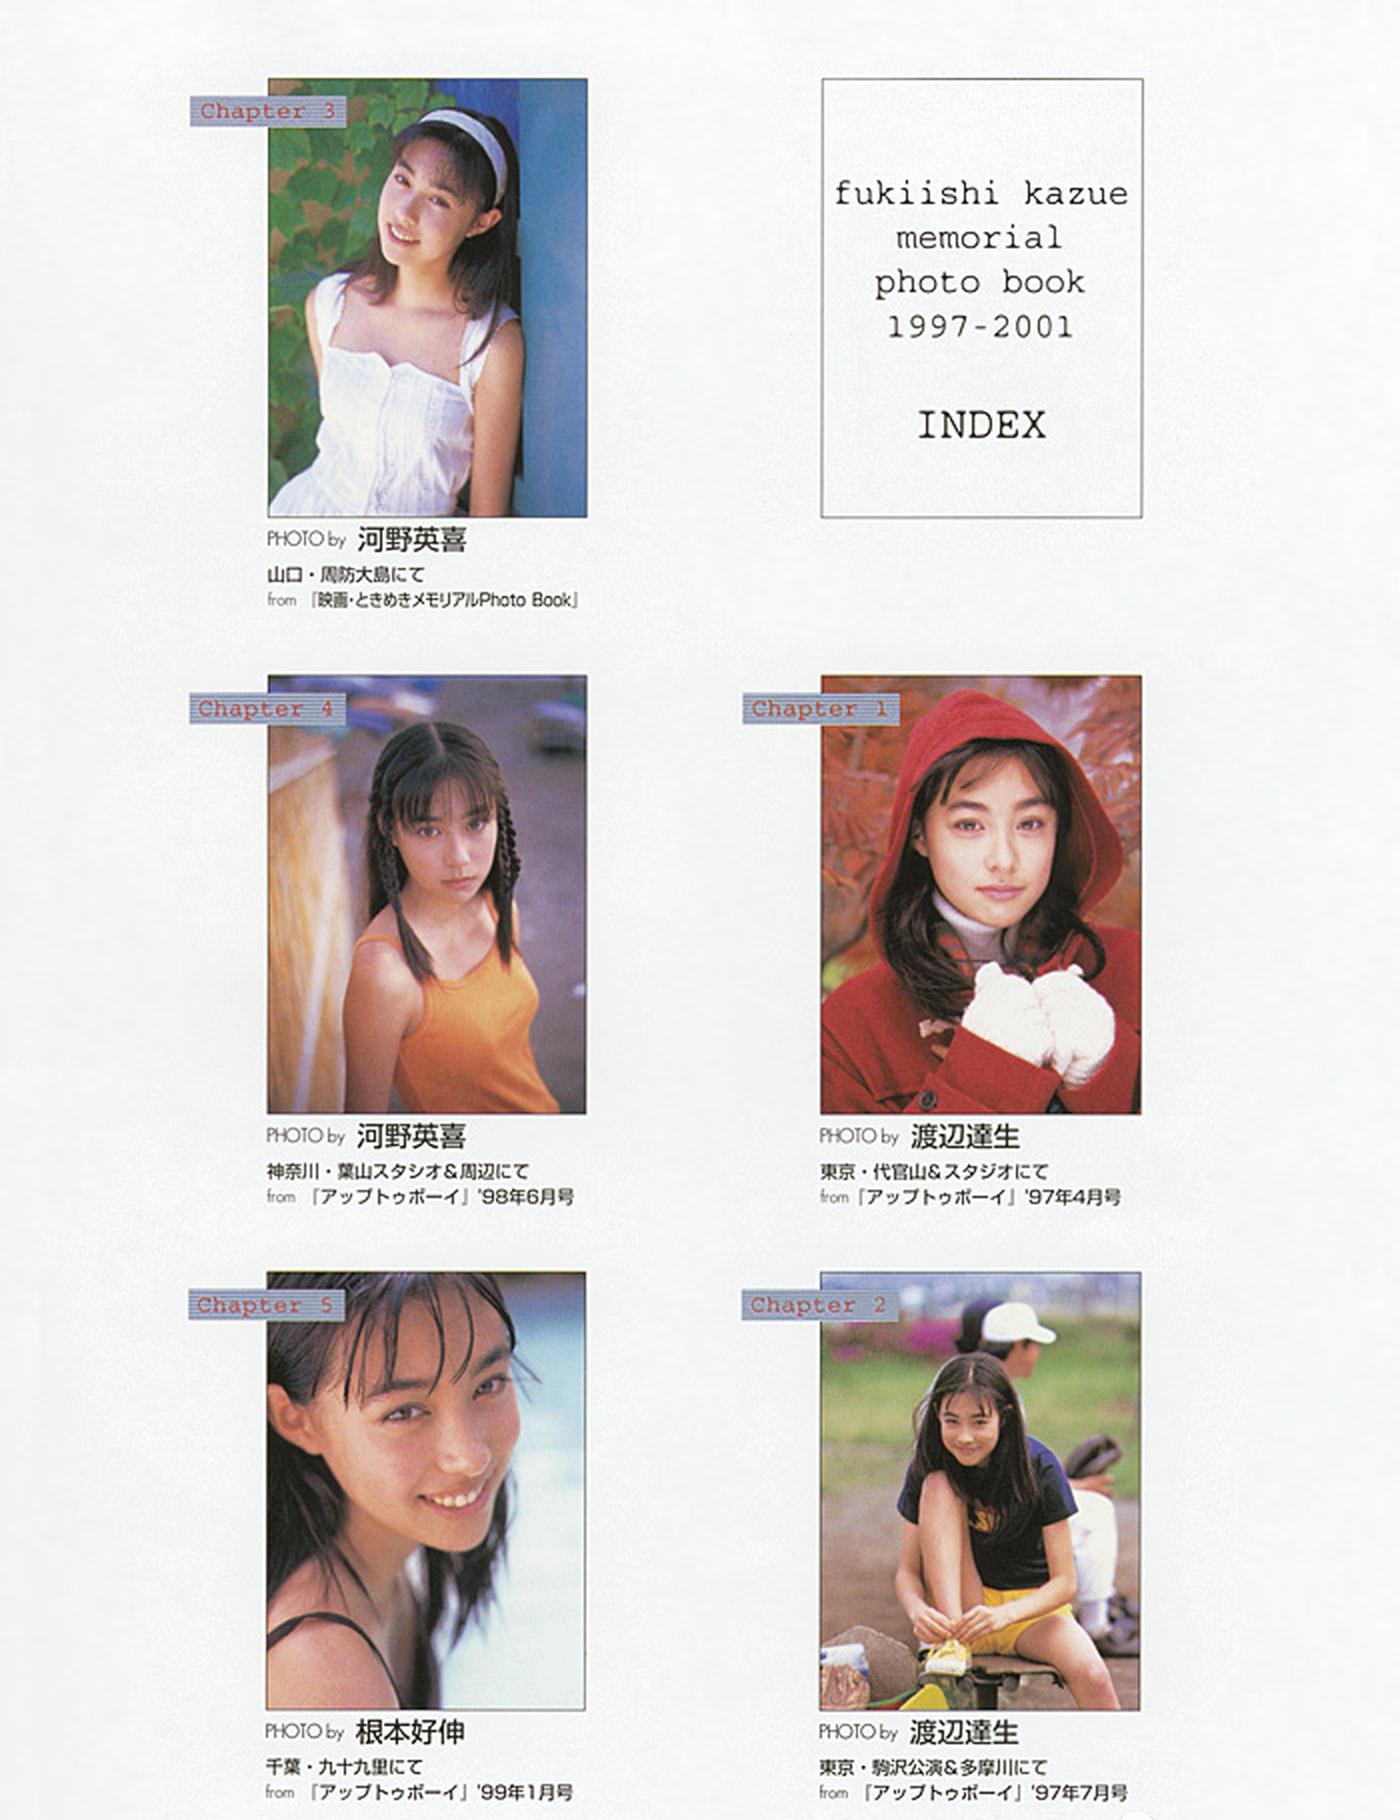 被锁在保险柜里的日本艺人吹石一惠的写真作品 (52)